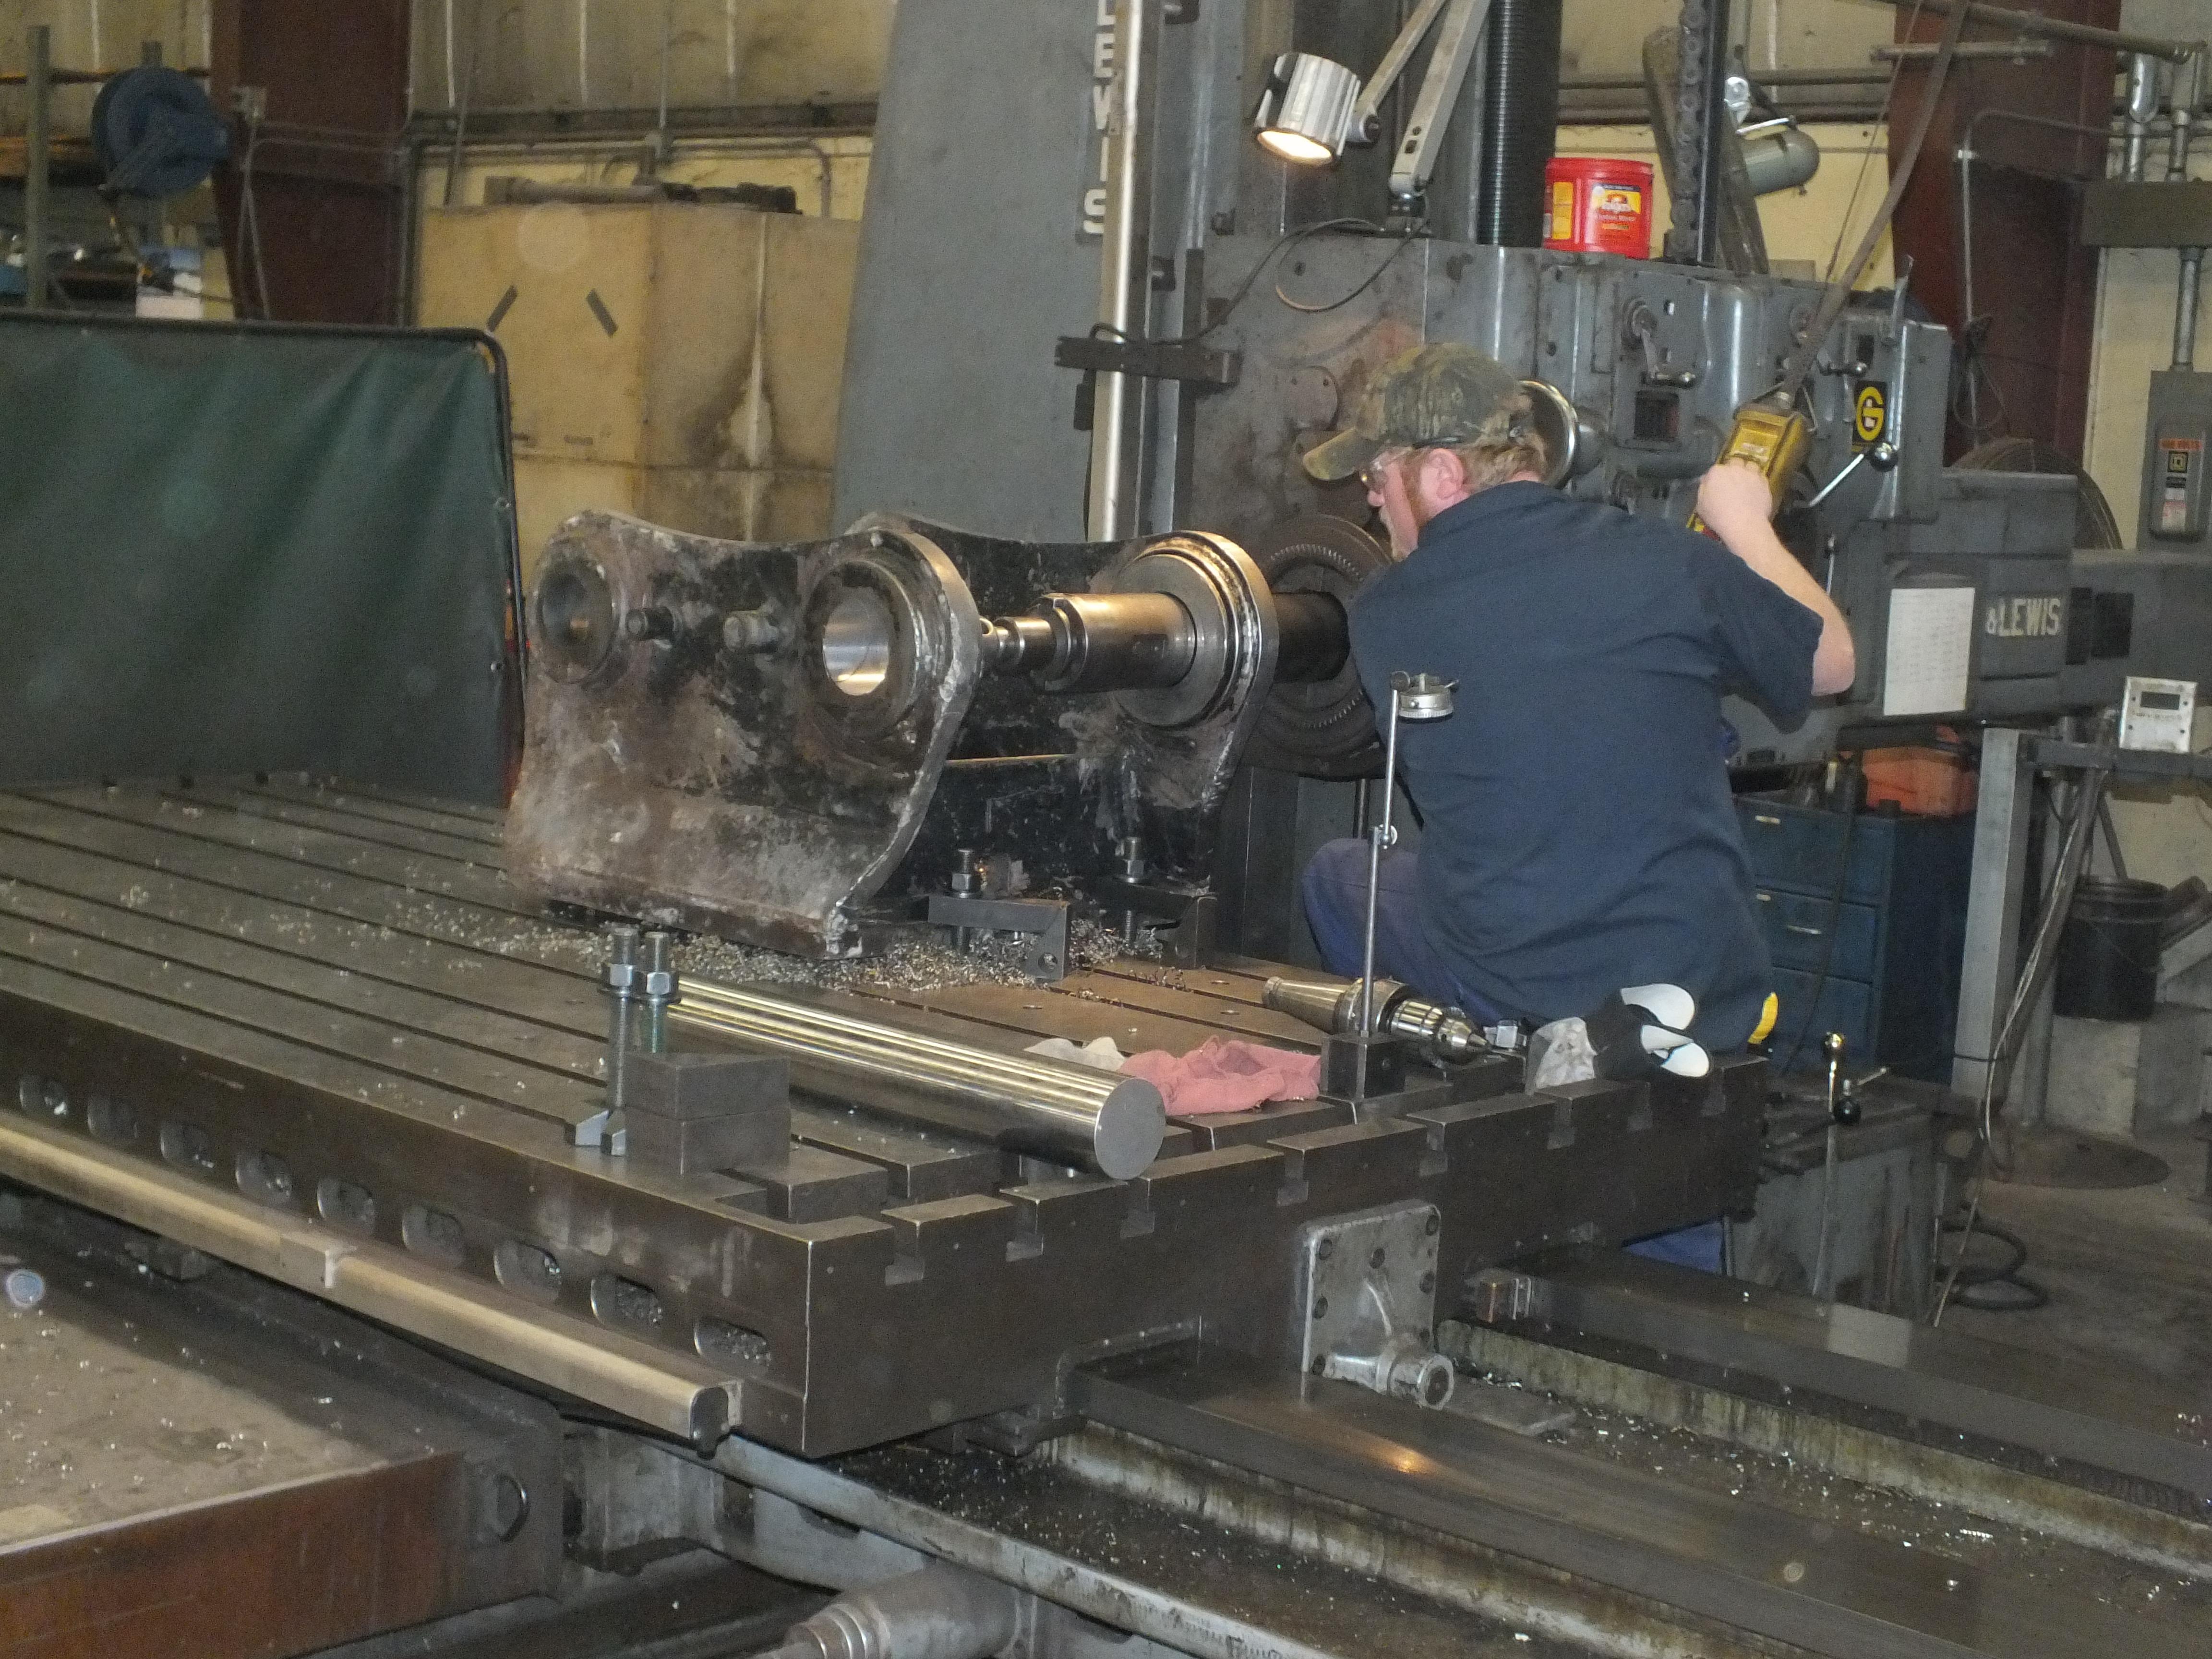 Machinery Maintenance employee prepping turning equipment